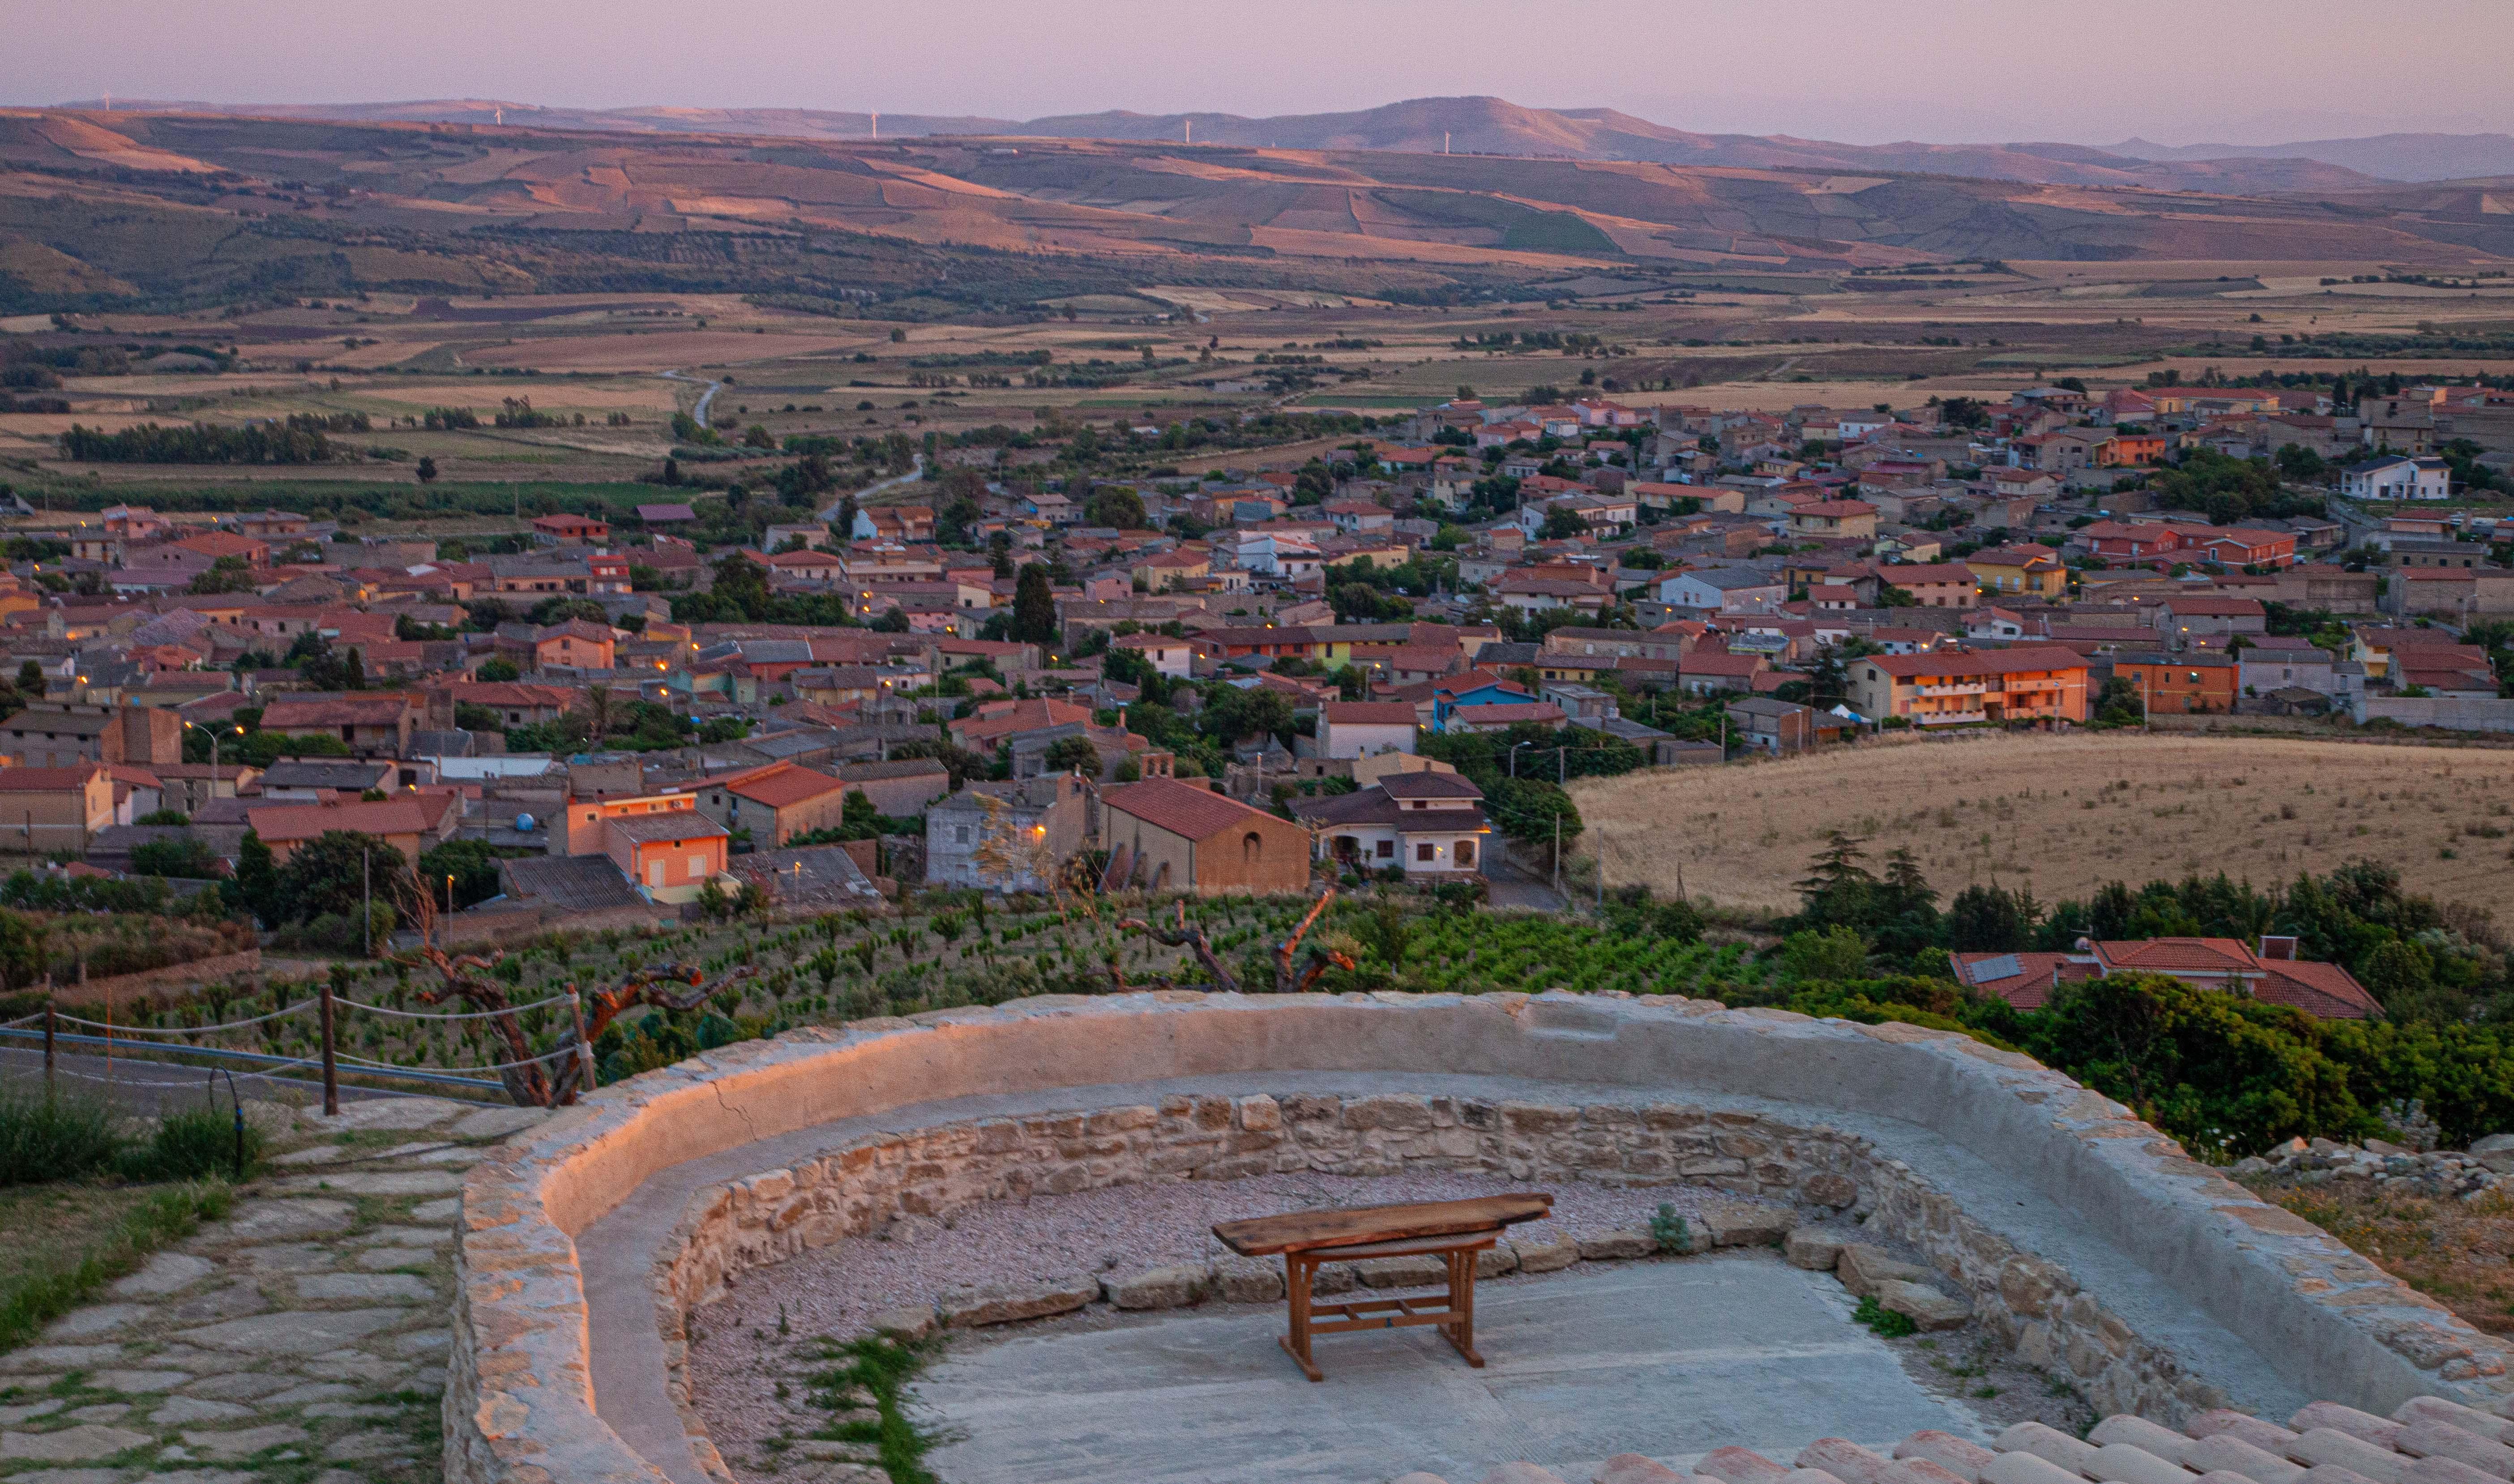 """Der Blick vom Landgut """"Is Perdas"""" auf das Dorf Gergei und die Marmilla. Die Landschaft ist nach der weiblichen Brust benannt."""